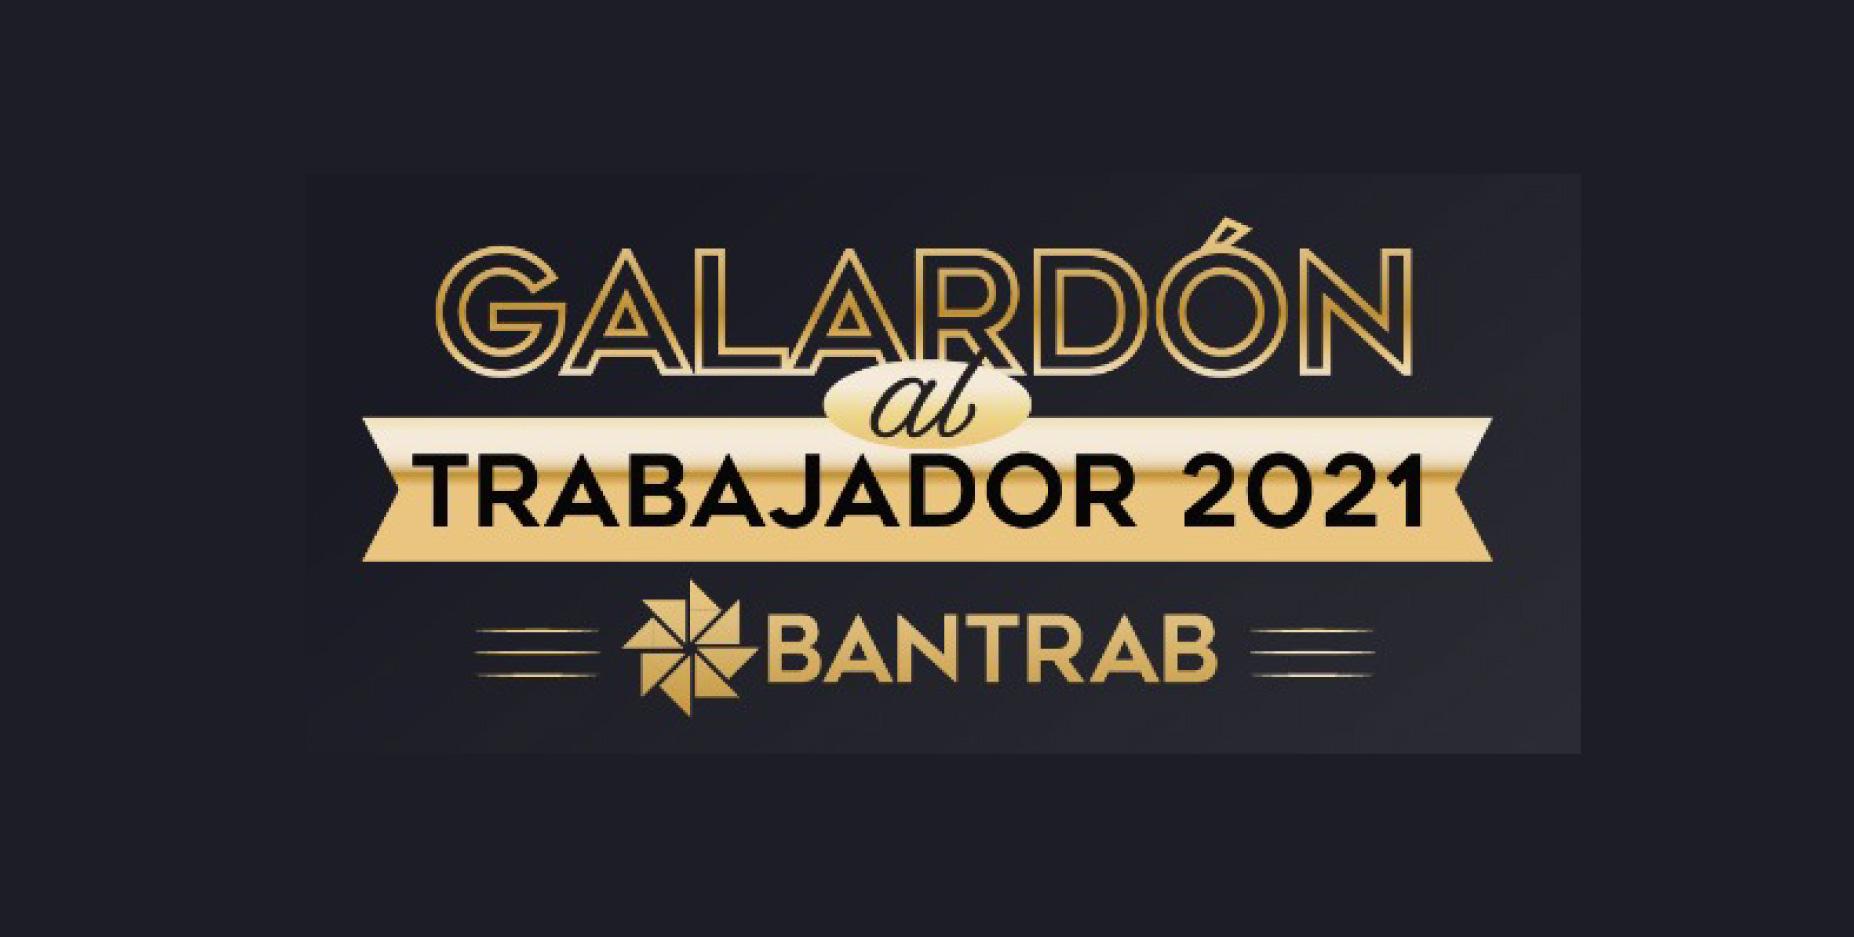 Bantrab celebra el Galardón al Trabajador 2021